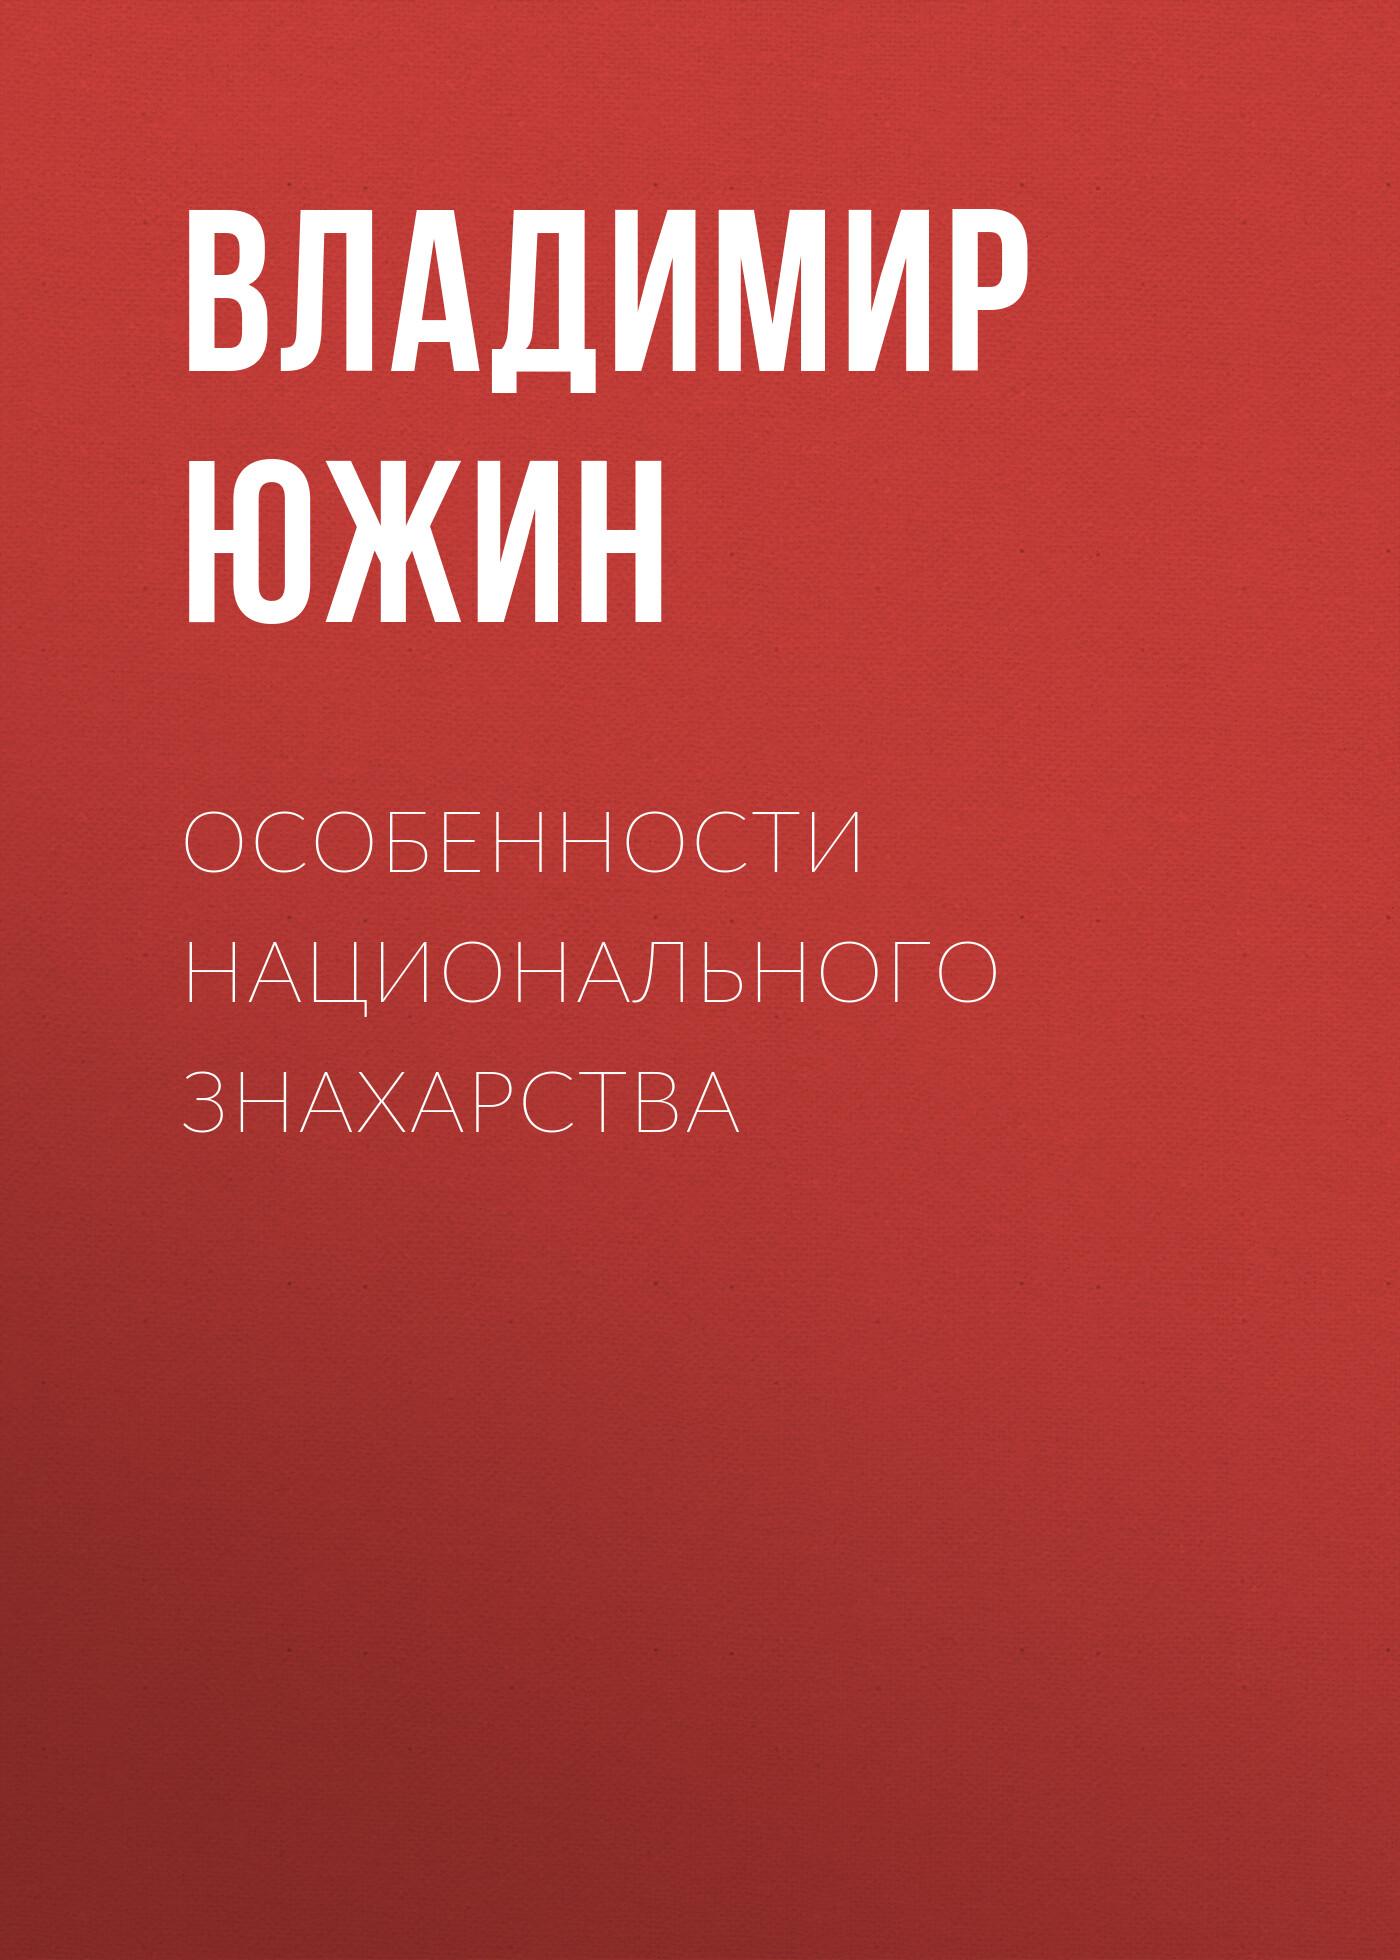 Владимир Южин Особенности национального знахарства в даниленко картина мира в былинах русского народа